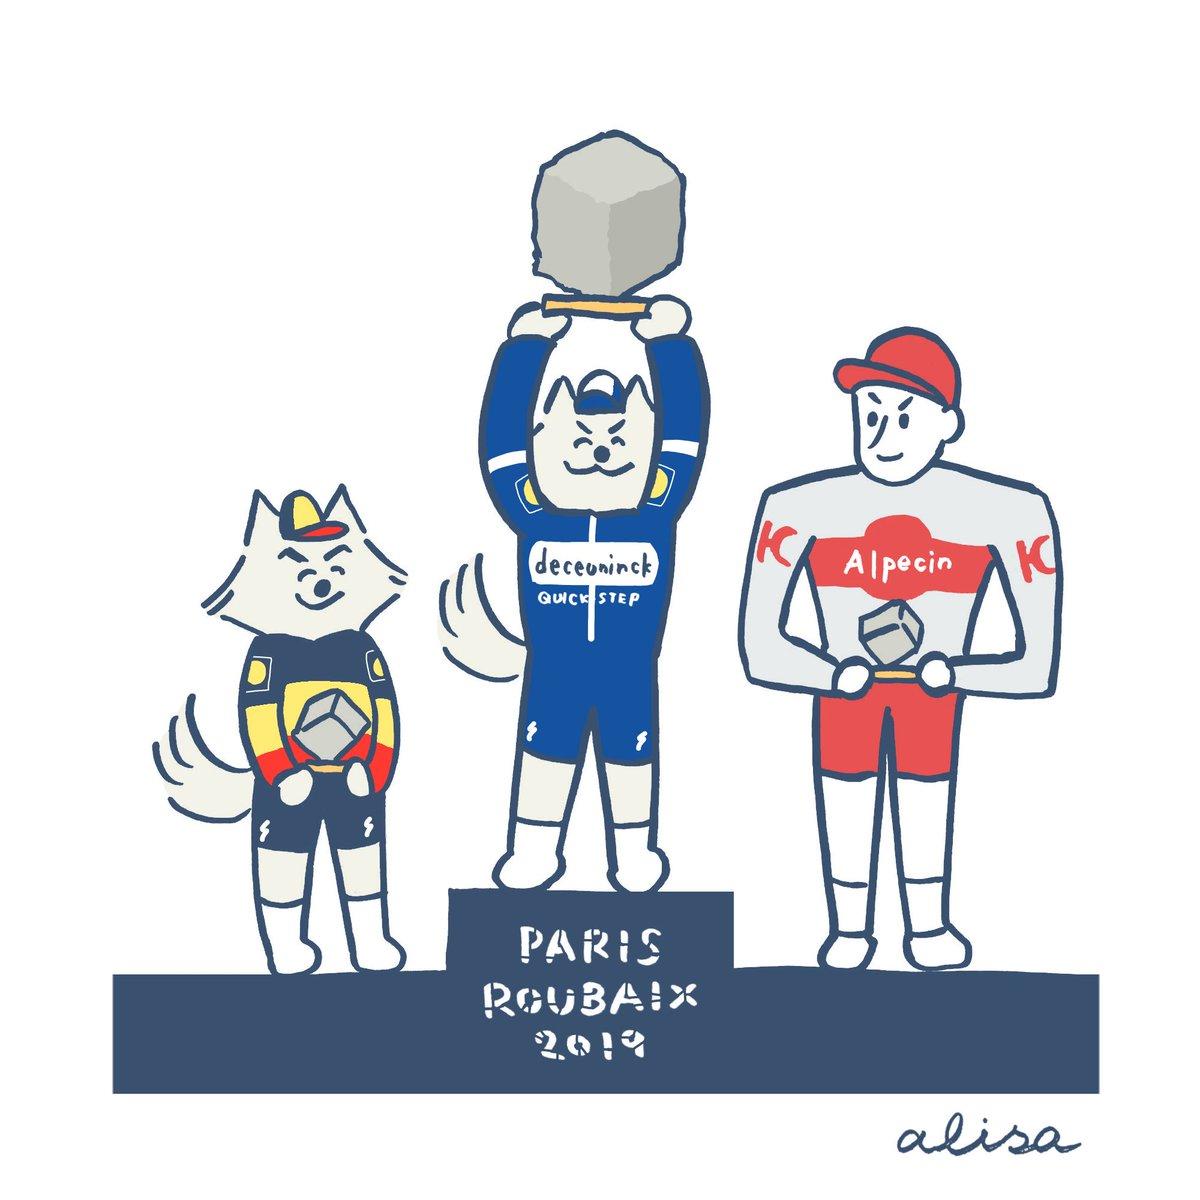 ジルベールおめでとう🐺✨ #parisroubaix #parisroubaix2019 #TheWolfpack #jspocycle https://www.instagram.com/p/BwjVj2-nehi/?utm_source=ig_share_sheet&igshid=1ne6x7kihvjir…